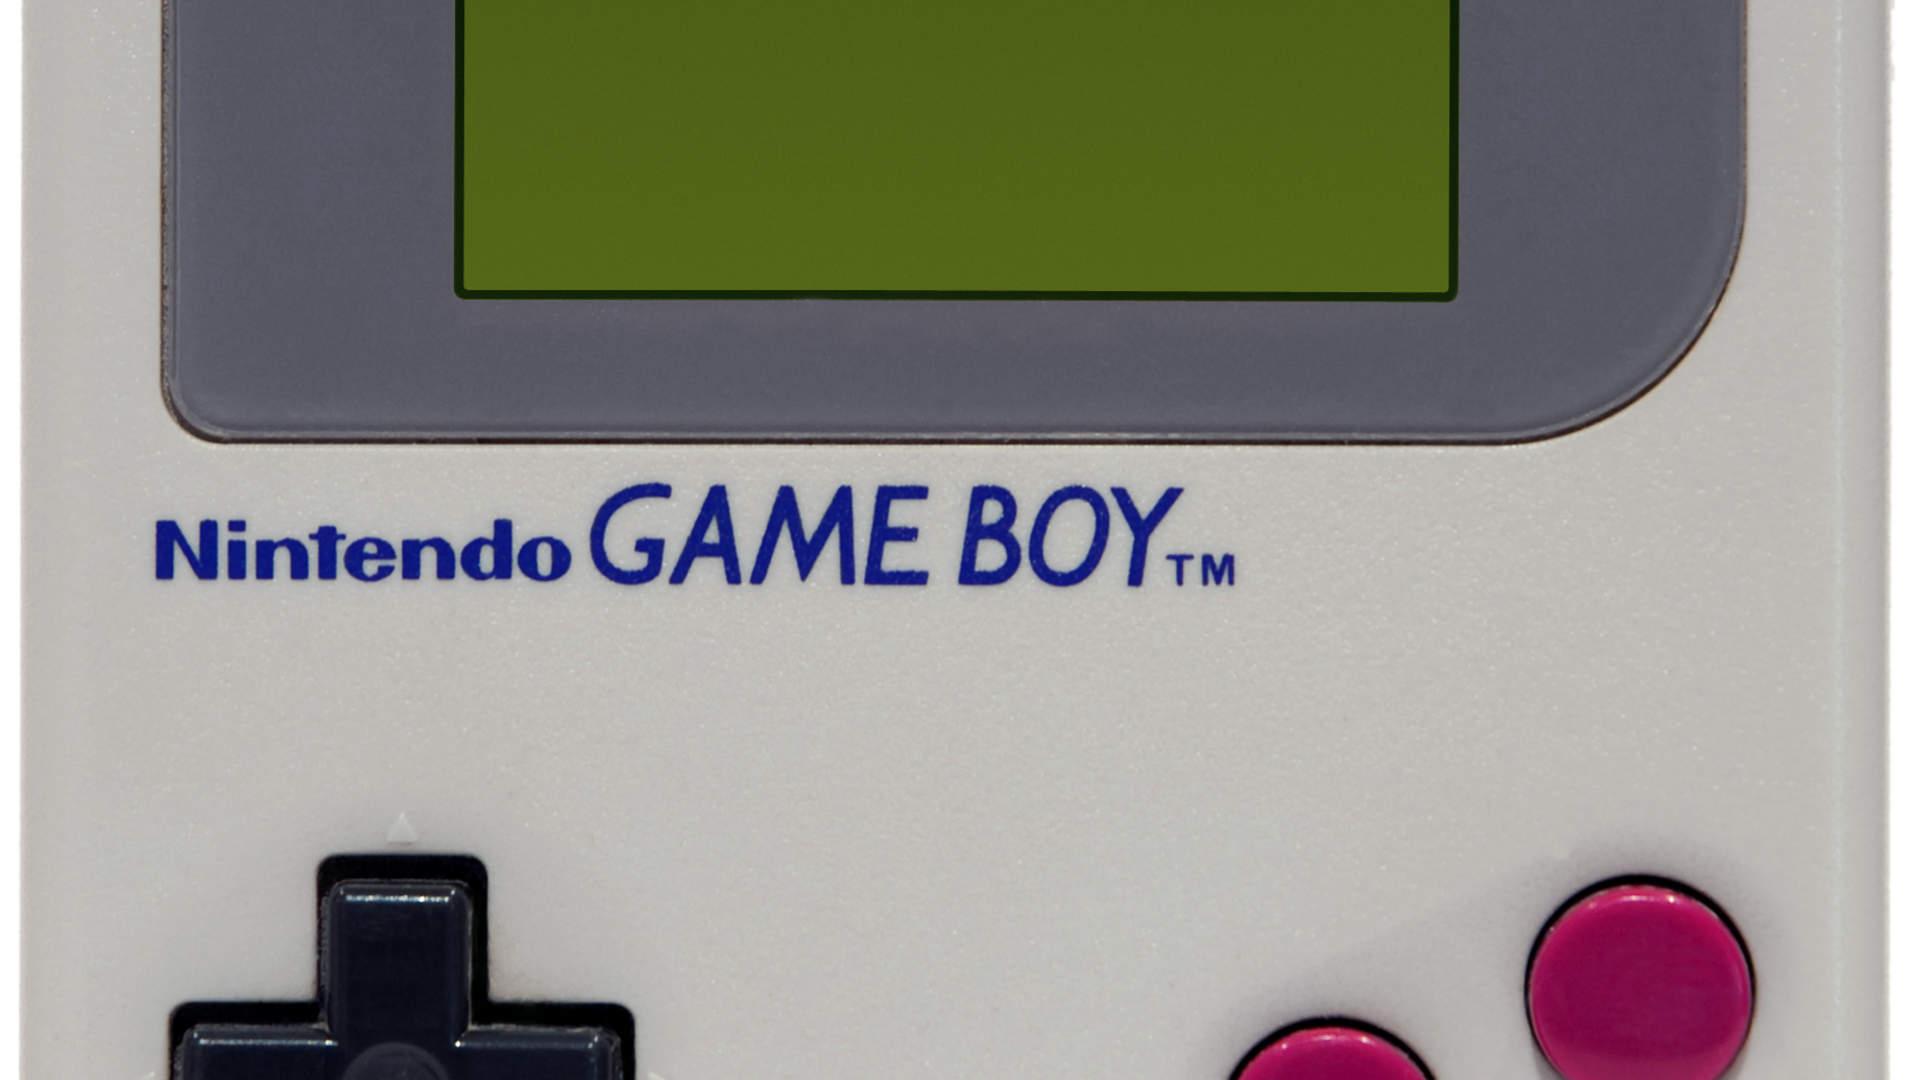 Game Boy - HD Wallpaper